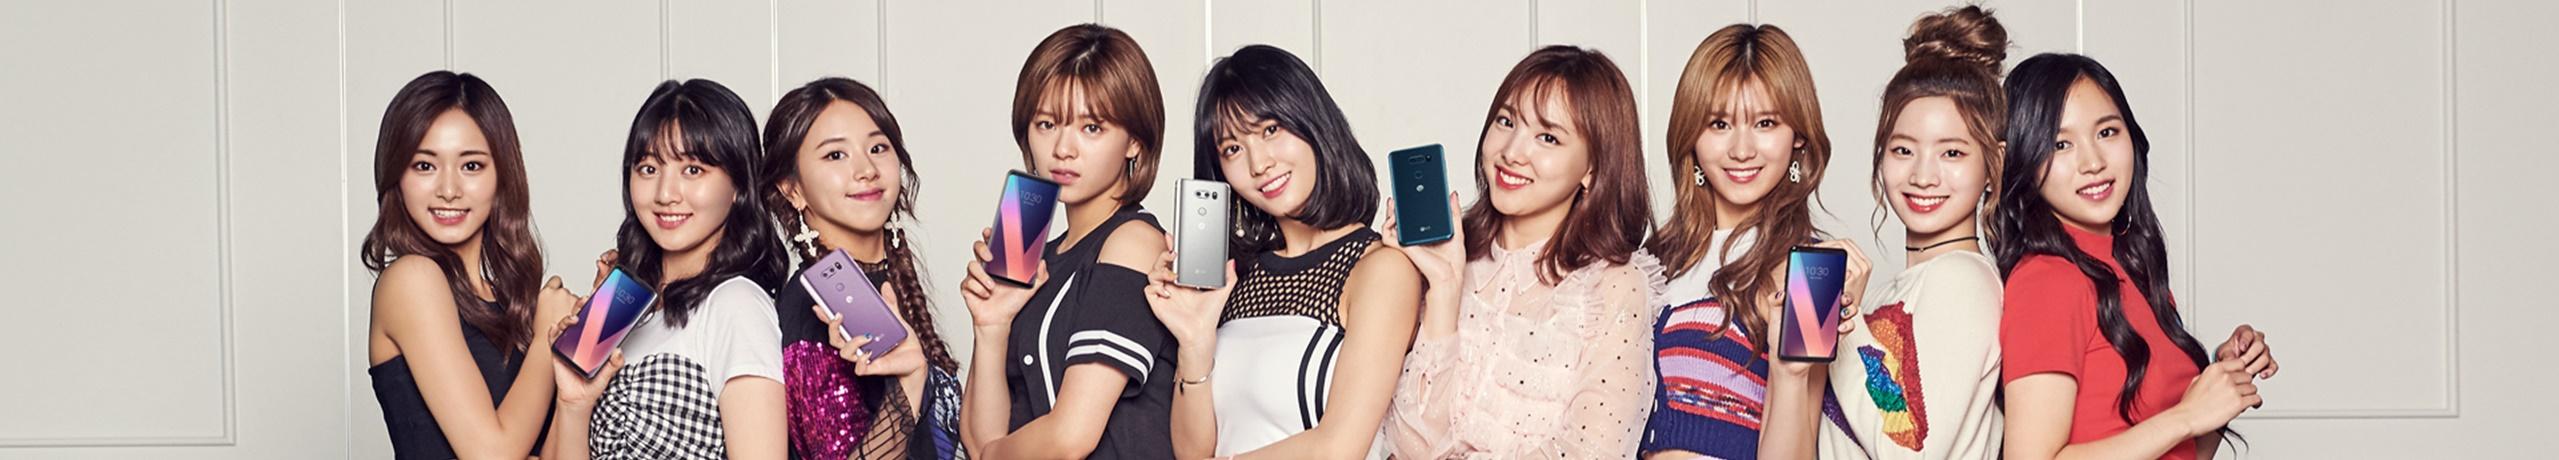 'LG V30' x '트와이스' 사인회 이벤트